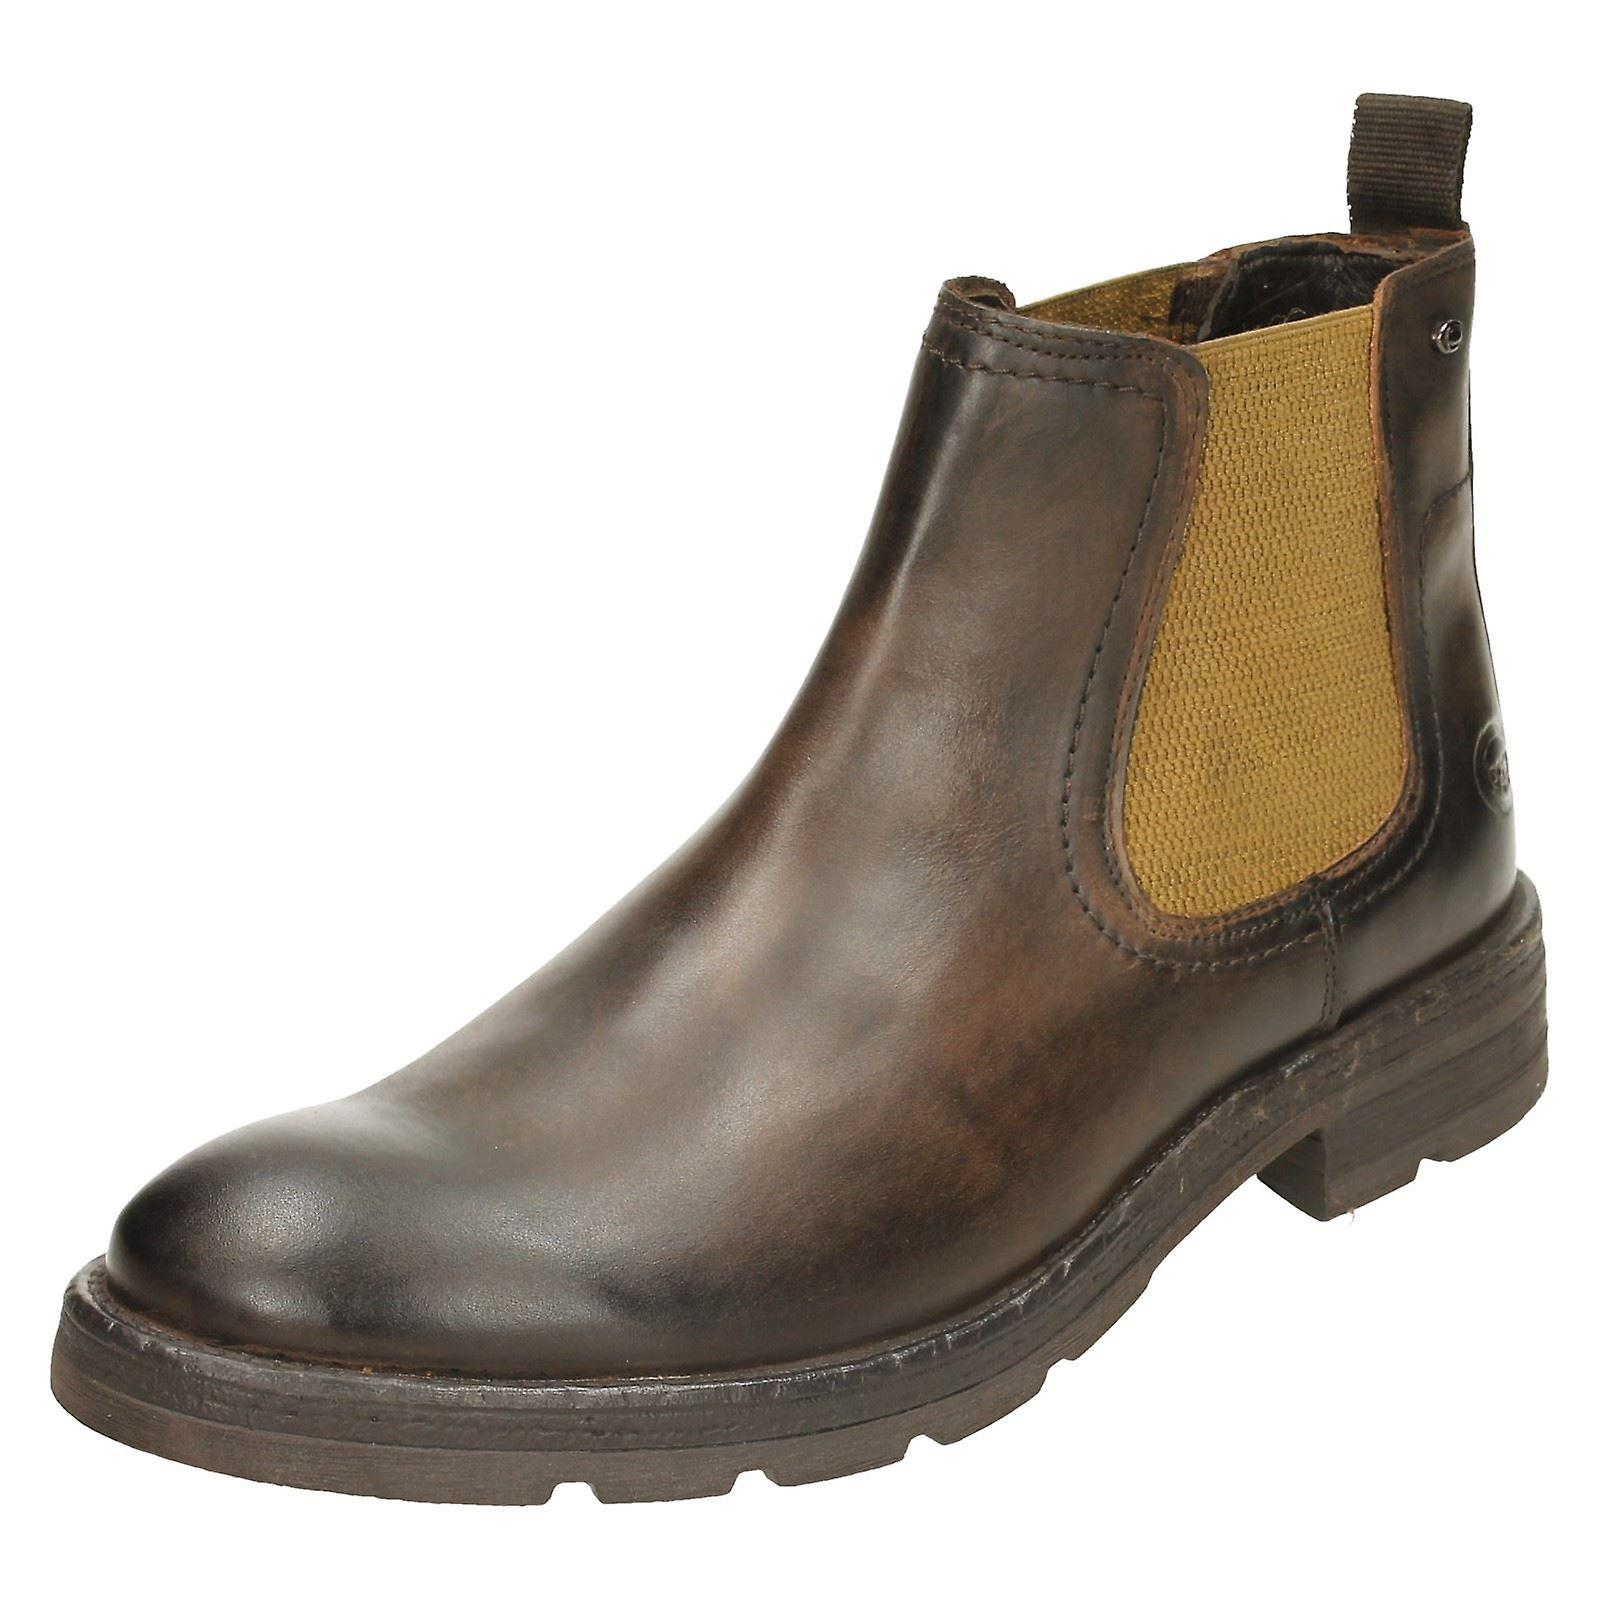 Mens Base Londra Chelsea Boots Challenger - lavato in pelle marrone - taglia UK 6 - taglia 39.5 - US taglia 7